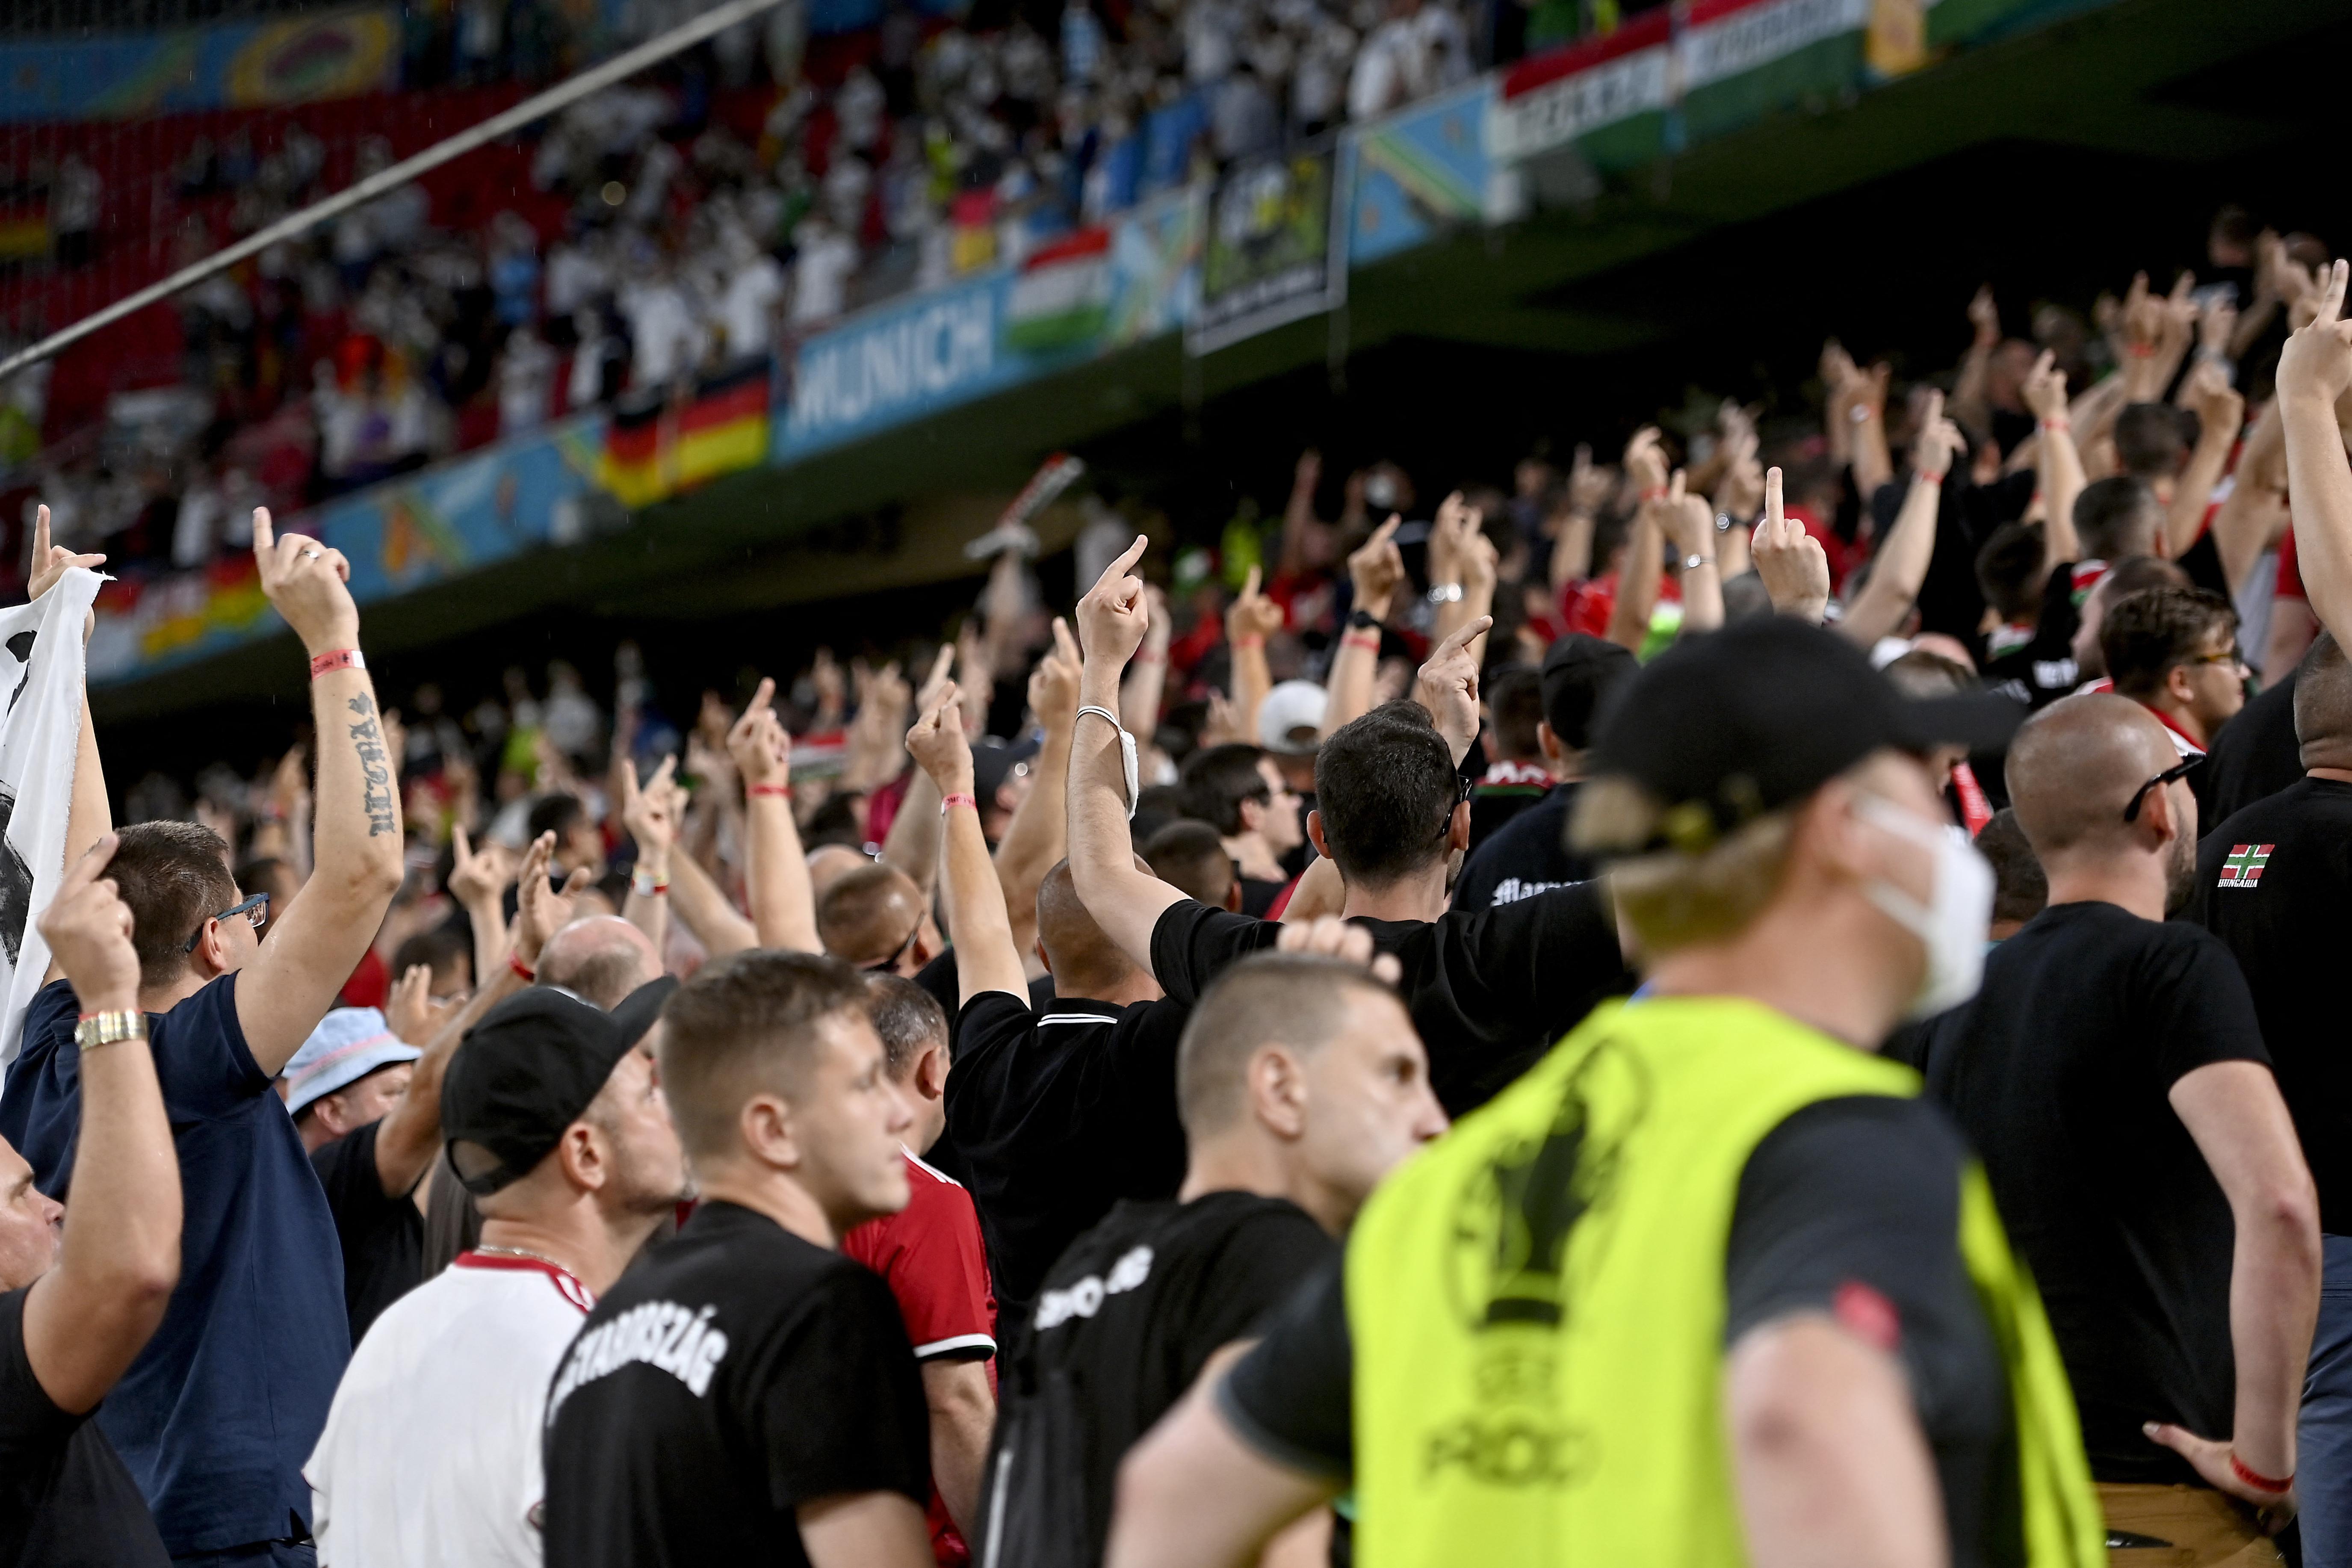 A mostani már a negyedik alkalom, amikor a szurkolók viselkedése miatt zártkapus meccsel büntetik a magyar válogatottat